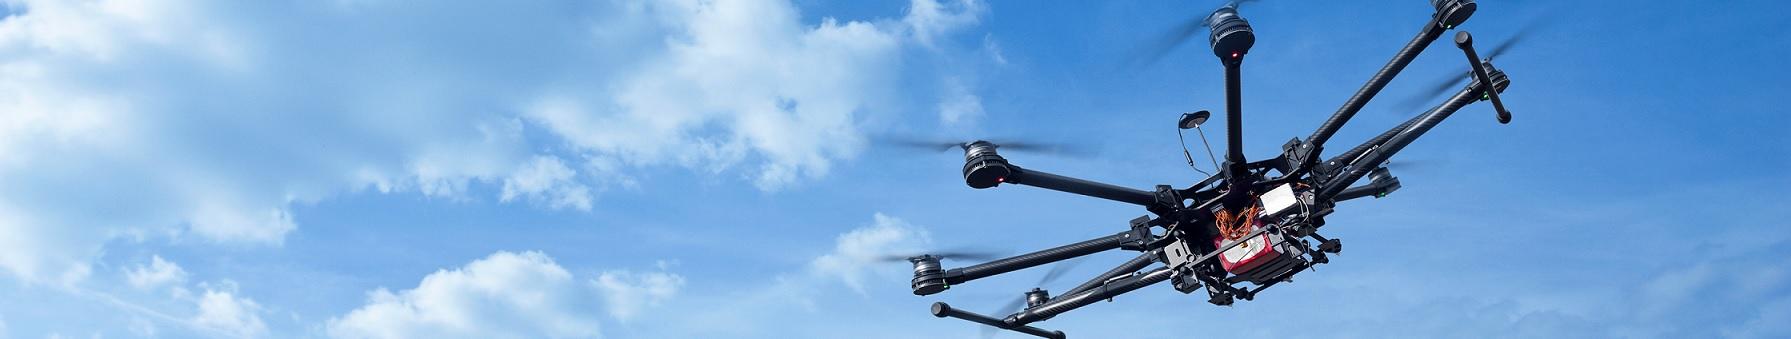 Drone-Istock-editado